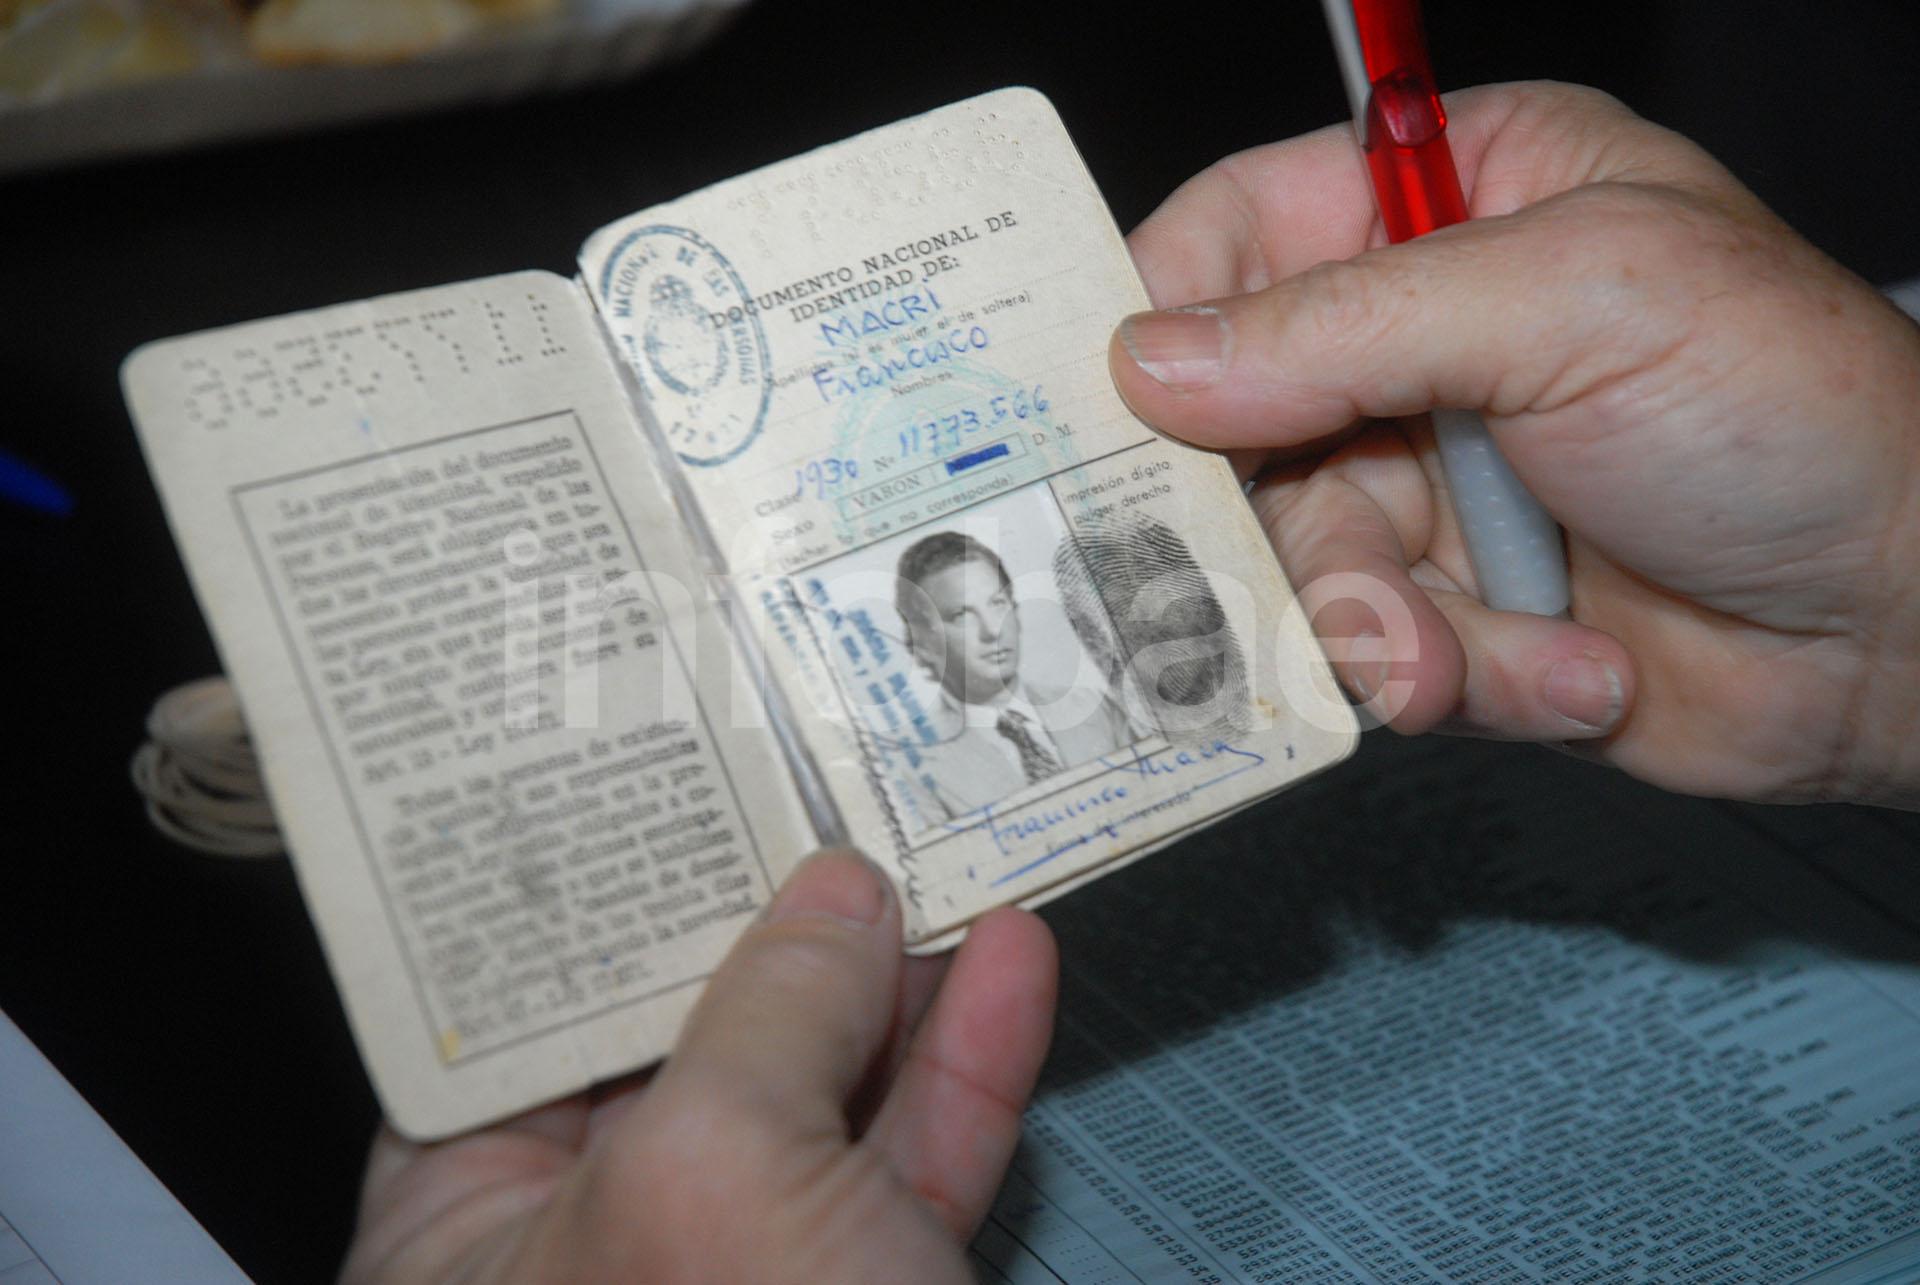 El documento argentino de Franco Macri revela que su nombre de nacimiento era Francisco (Enrique García Medina)